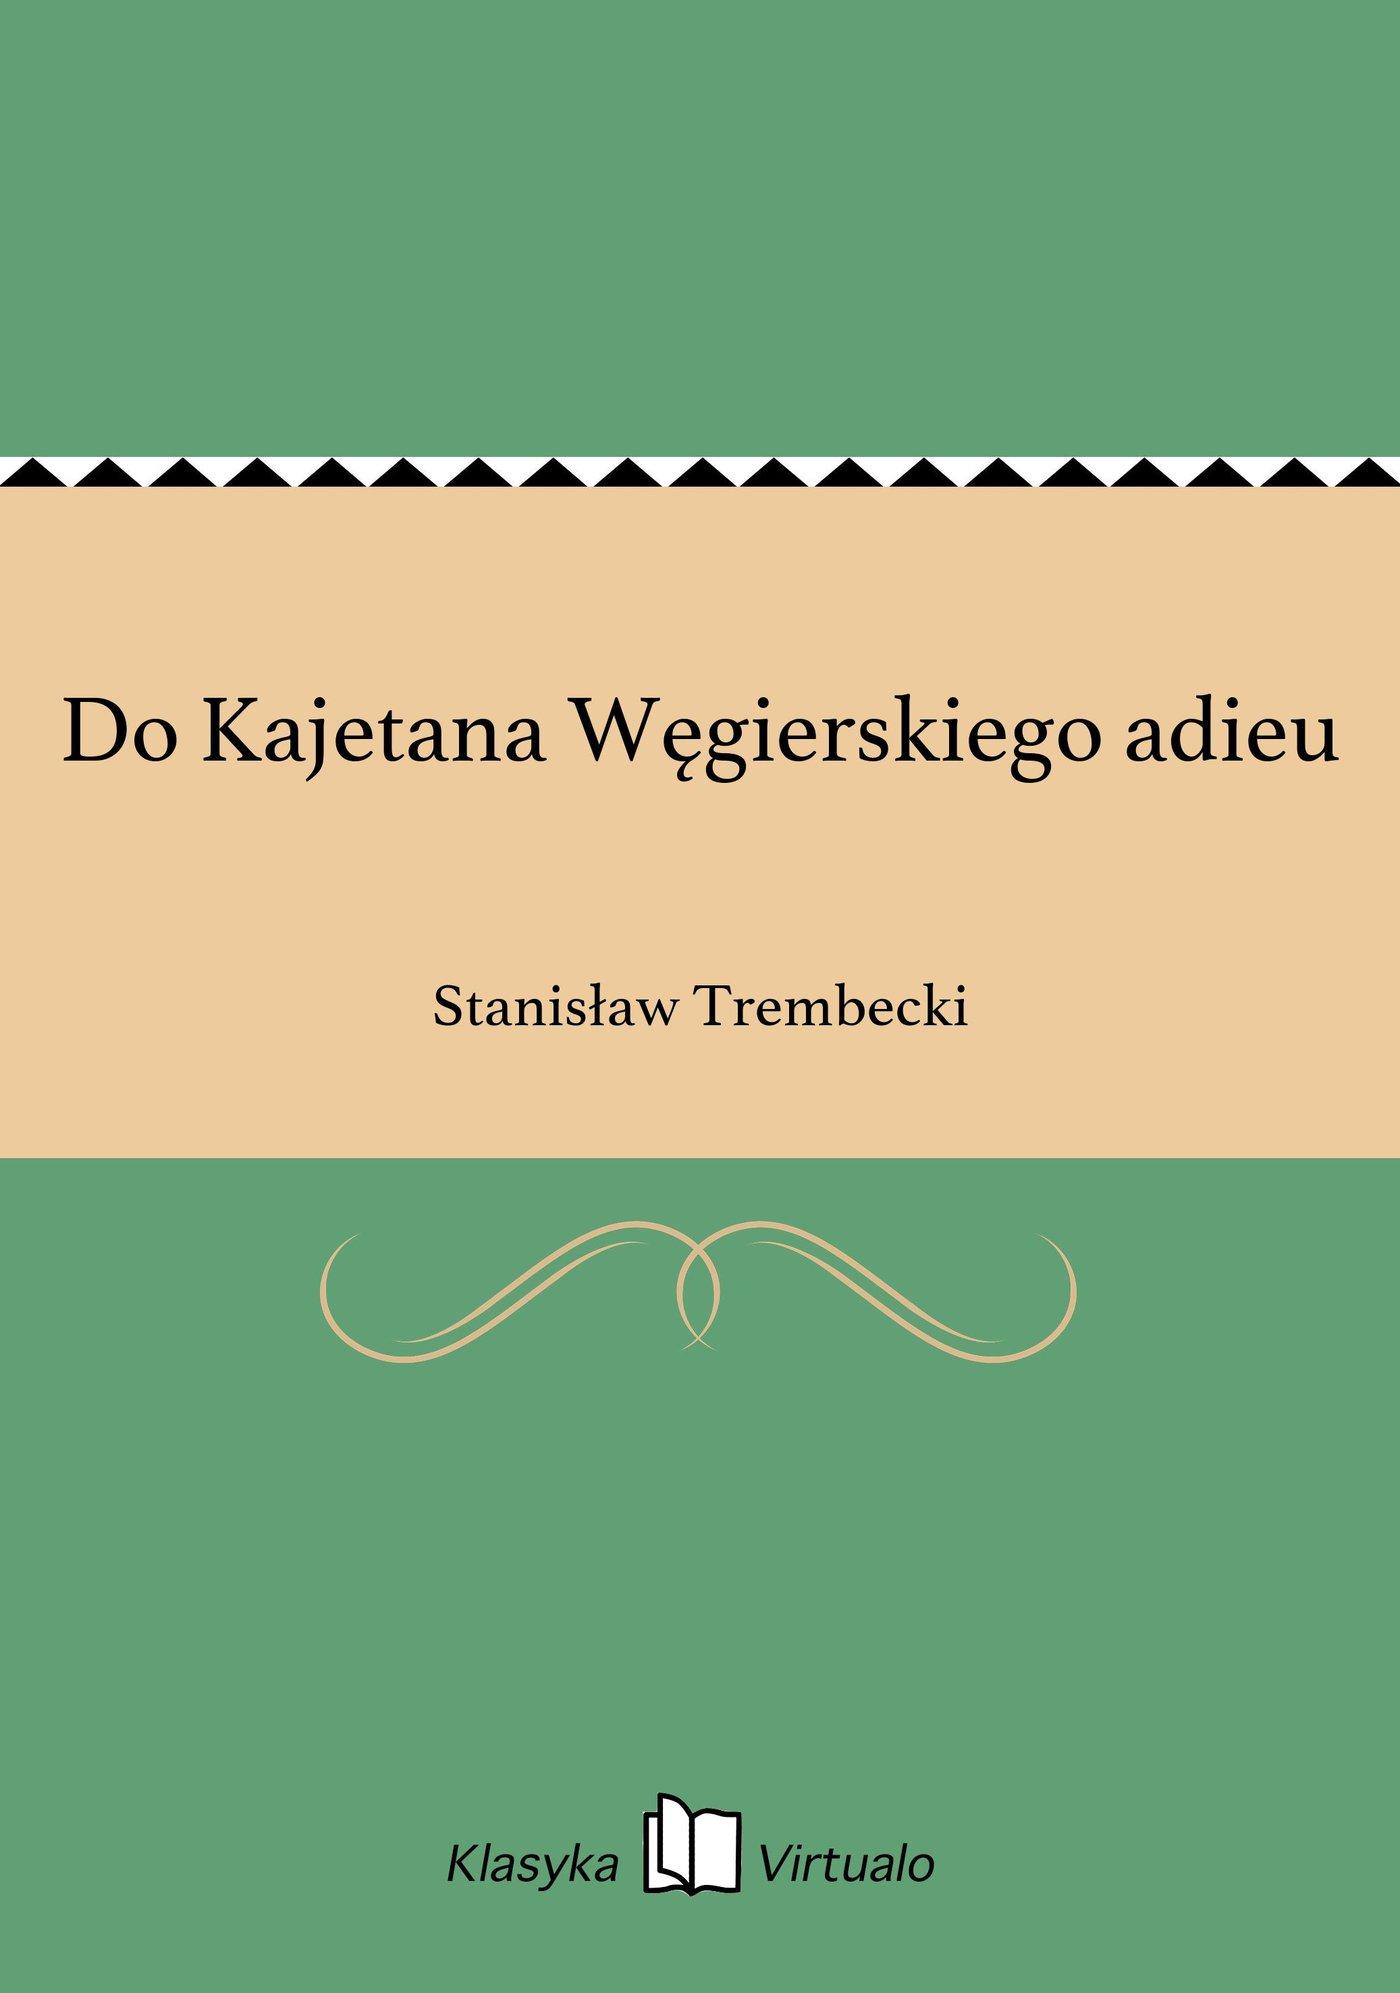 Do Kajetana Węgierskiego adieu - Ebook (Książka EPUB) do pobrania w formacie EPUB